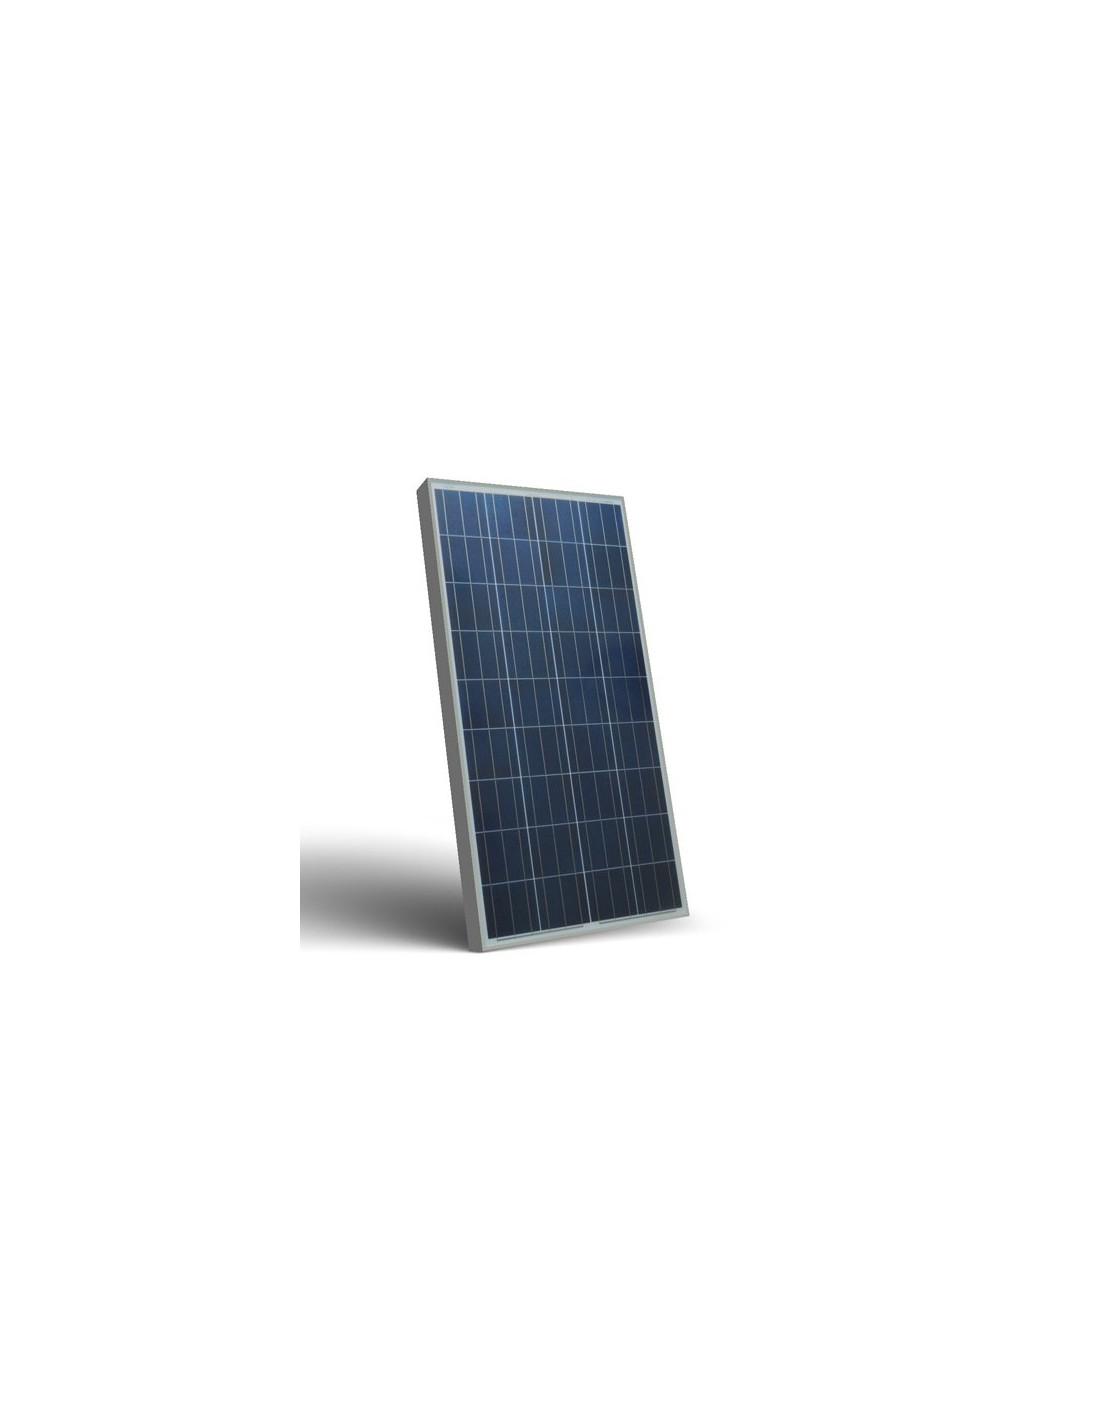 Pannello solare fotovoltaico 130w 12v policristallino for Immagini pannello solare